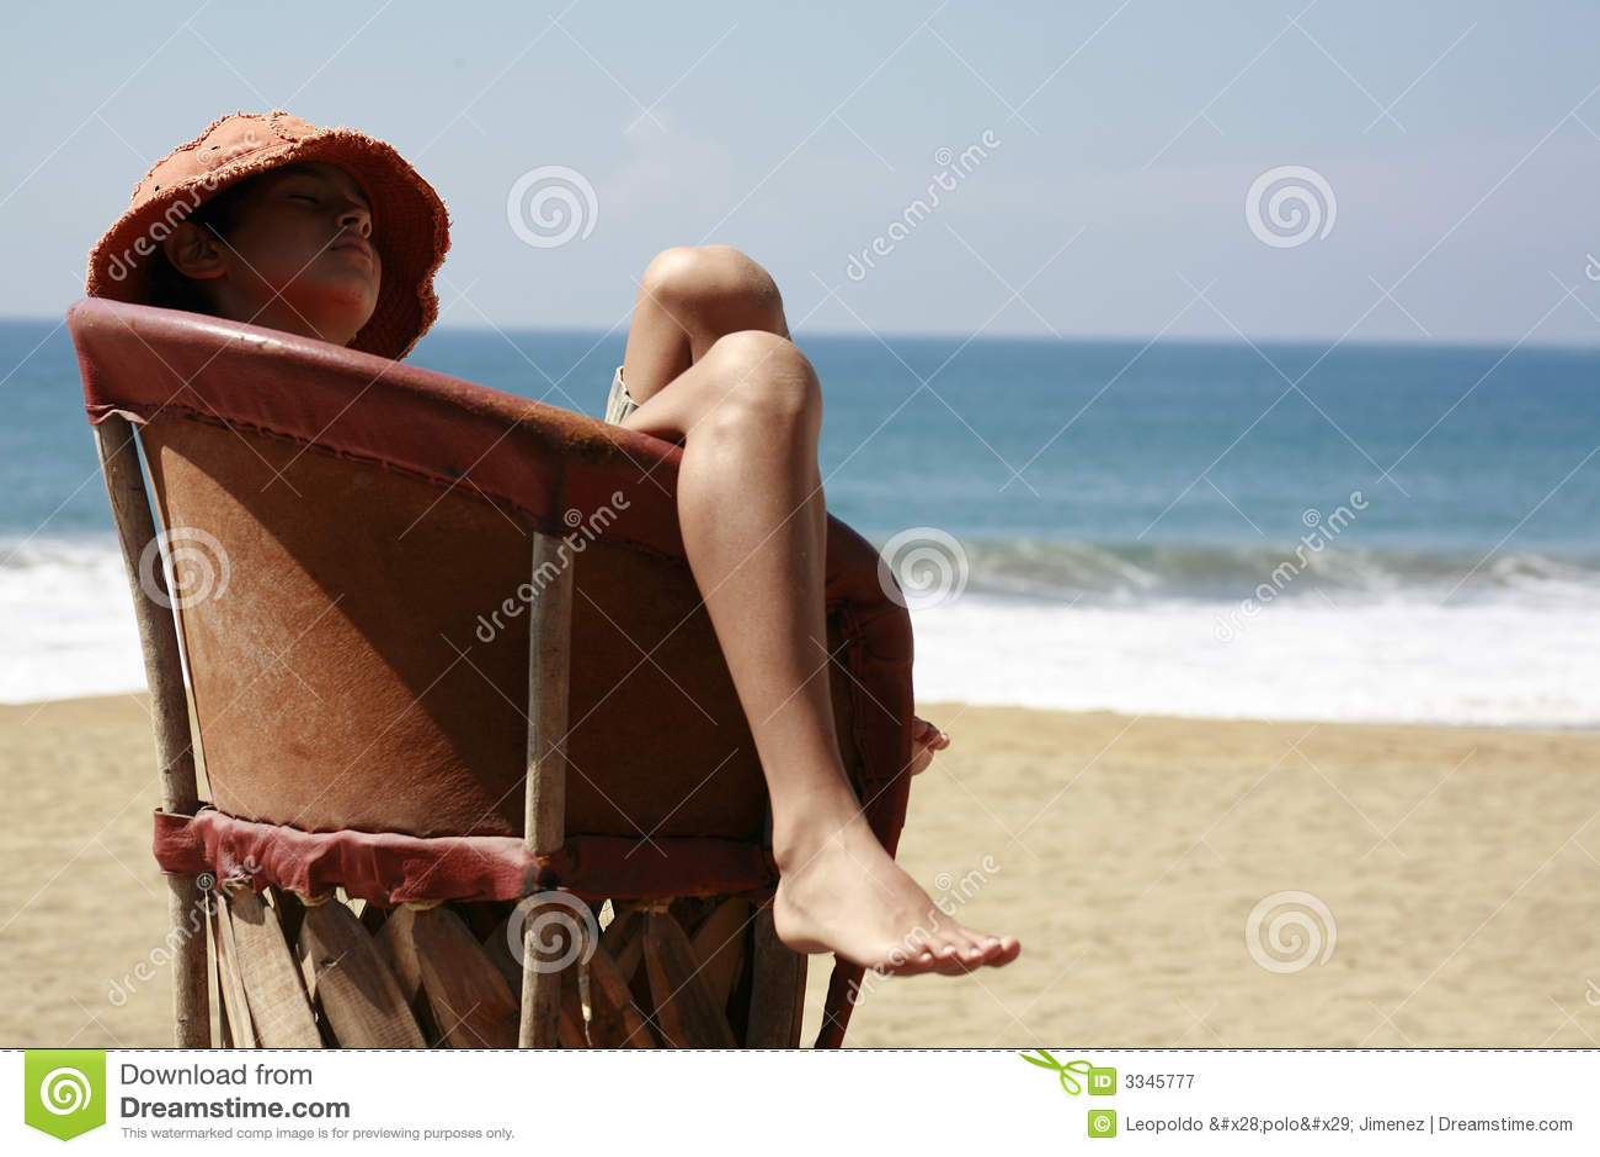 Wiatr odpocząć